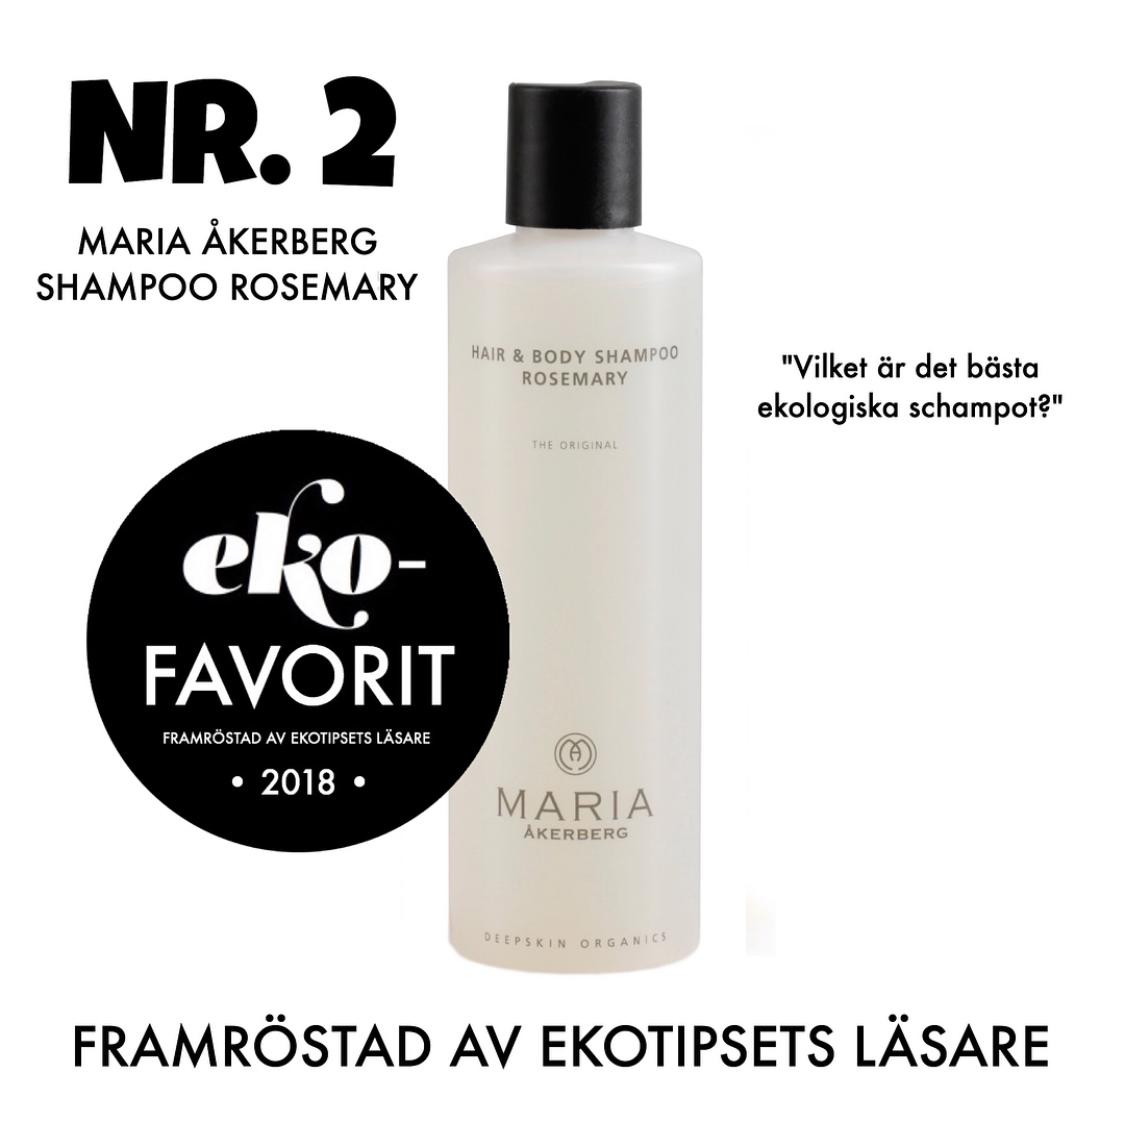 bästa ekologiska schampot Maria åkerberg